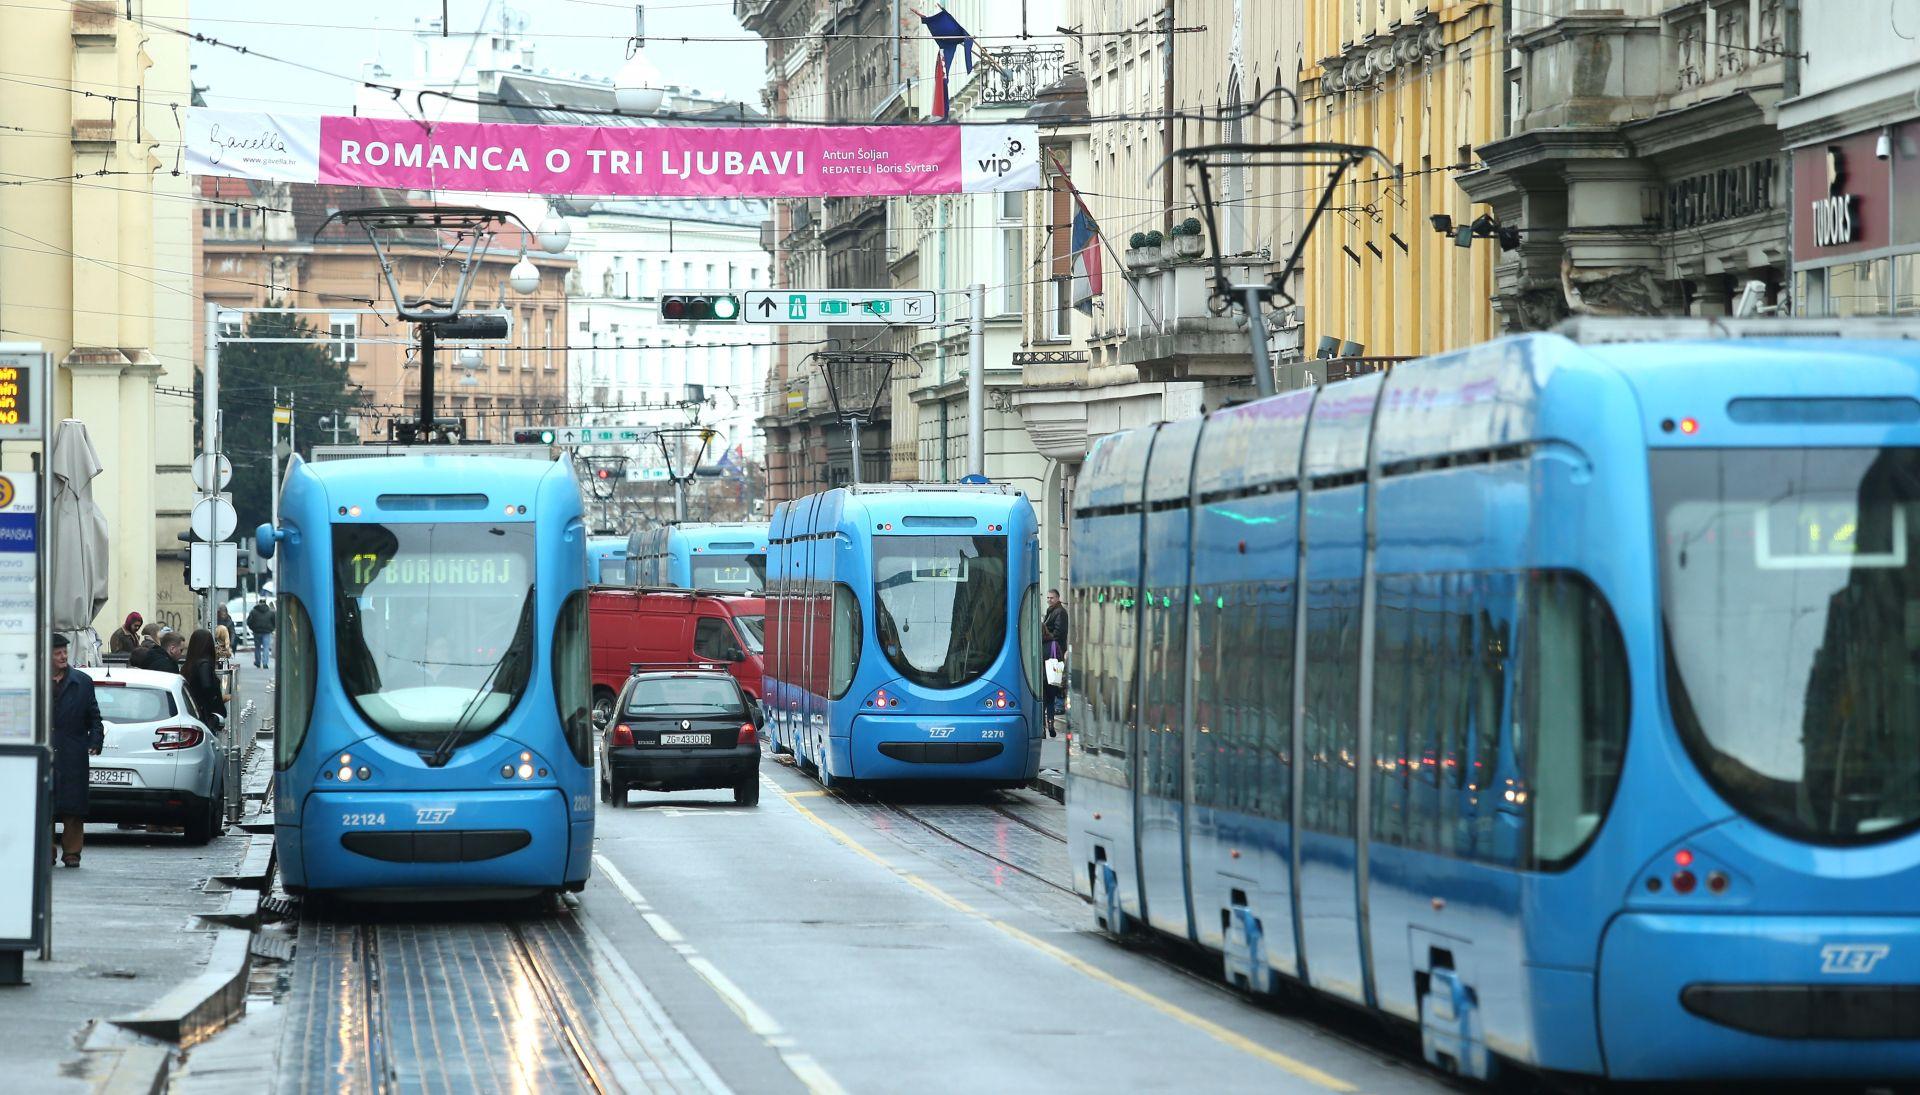 U Hrvatskoj se uvodi ista karta za autobus, tramvaj, brod…?